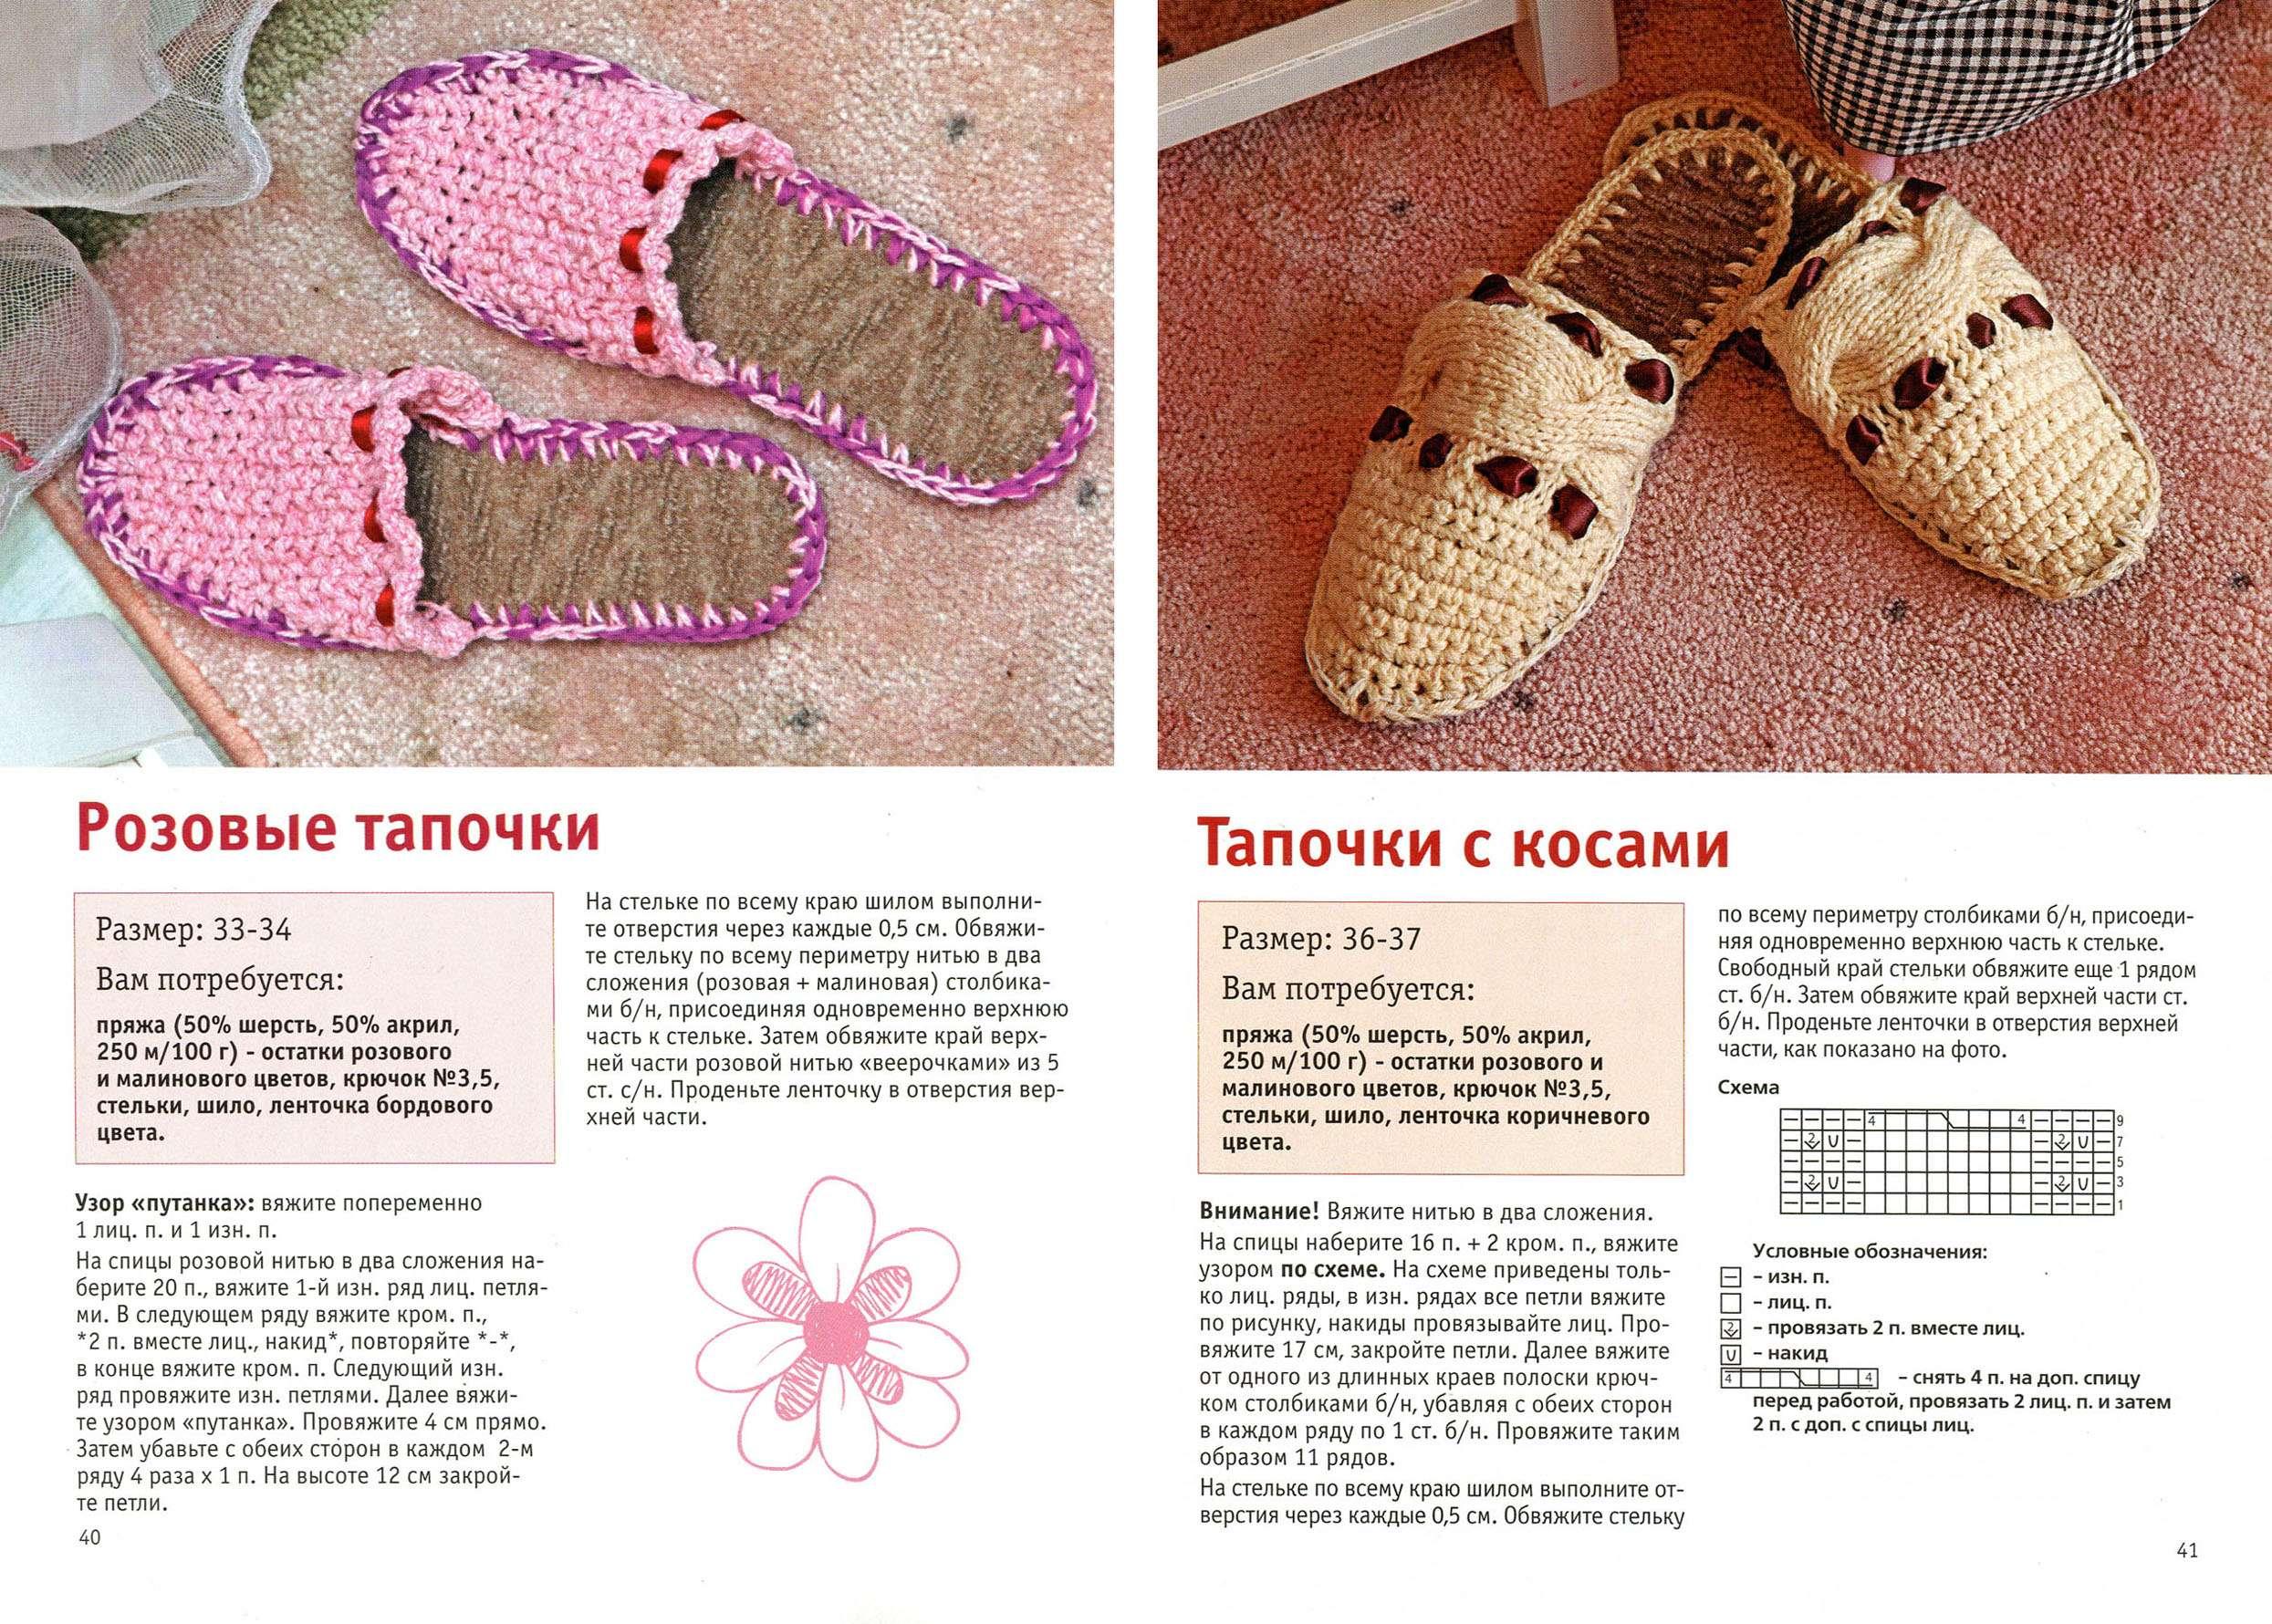 Как лечит цистит при беременности в домашних условиях